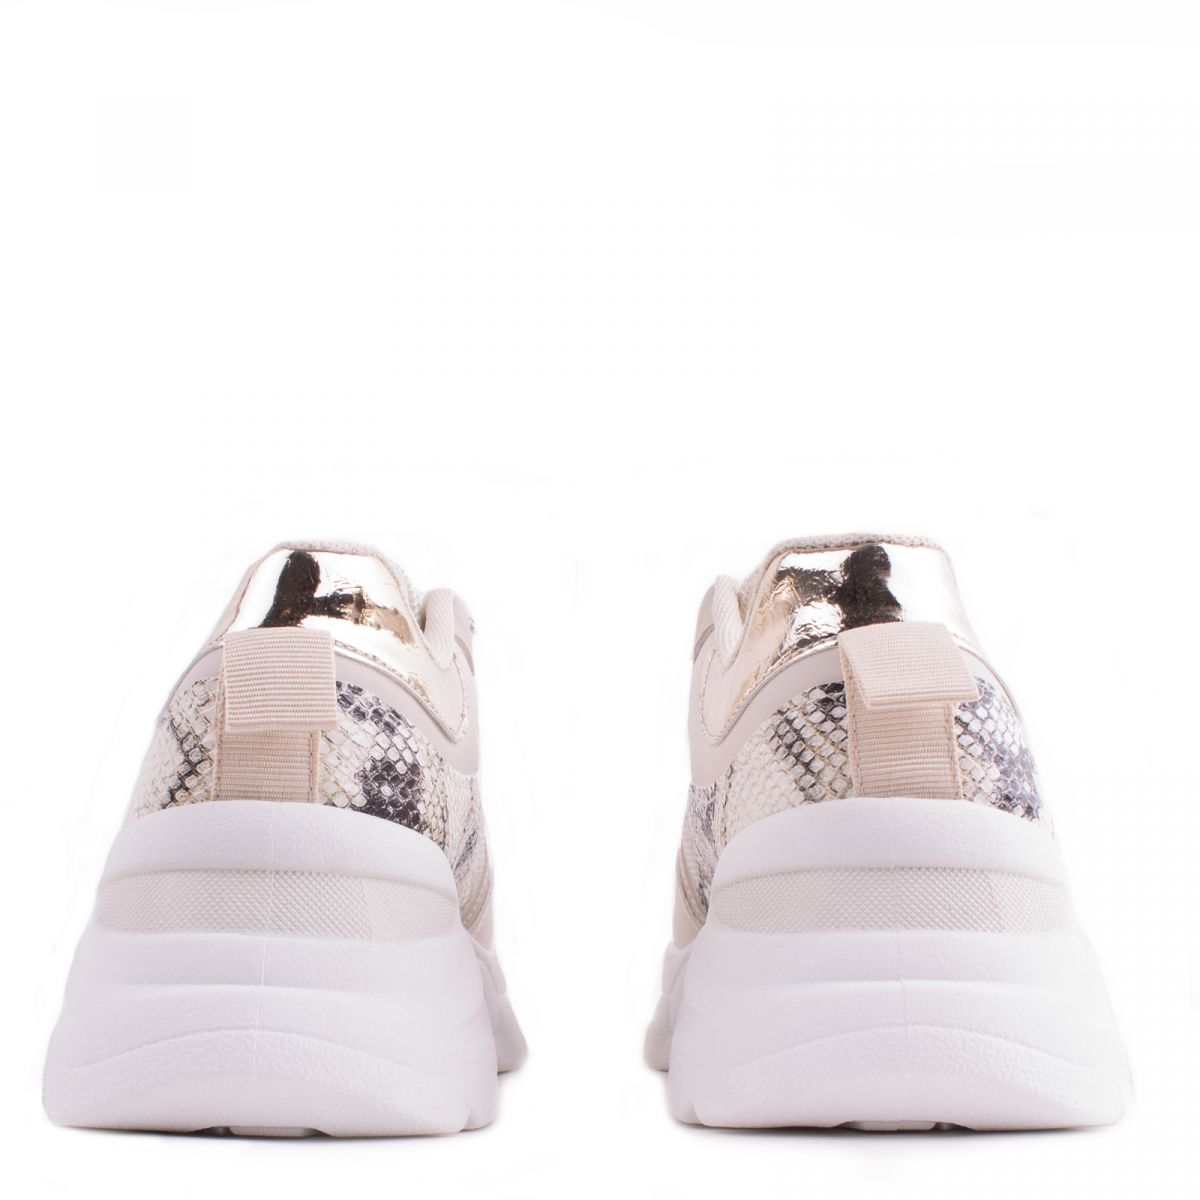 Sneakers με Συνδυασμό Υλικών 9122 oem ΜΠΕΖ